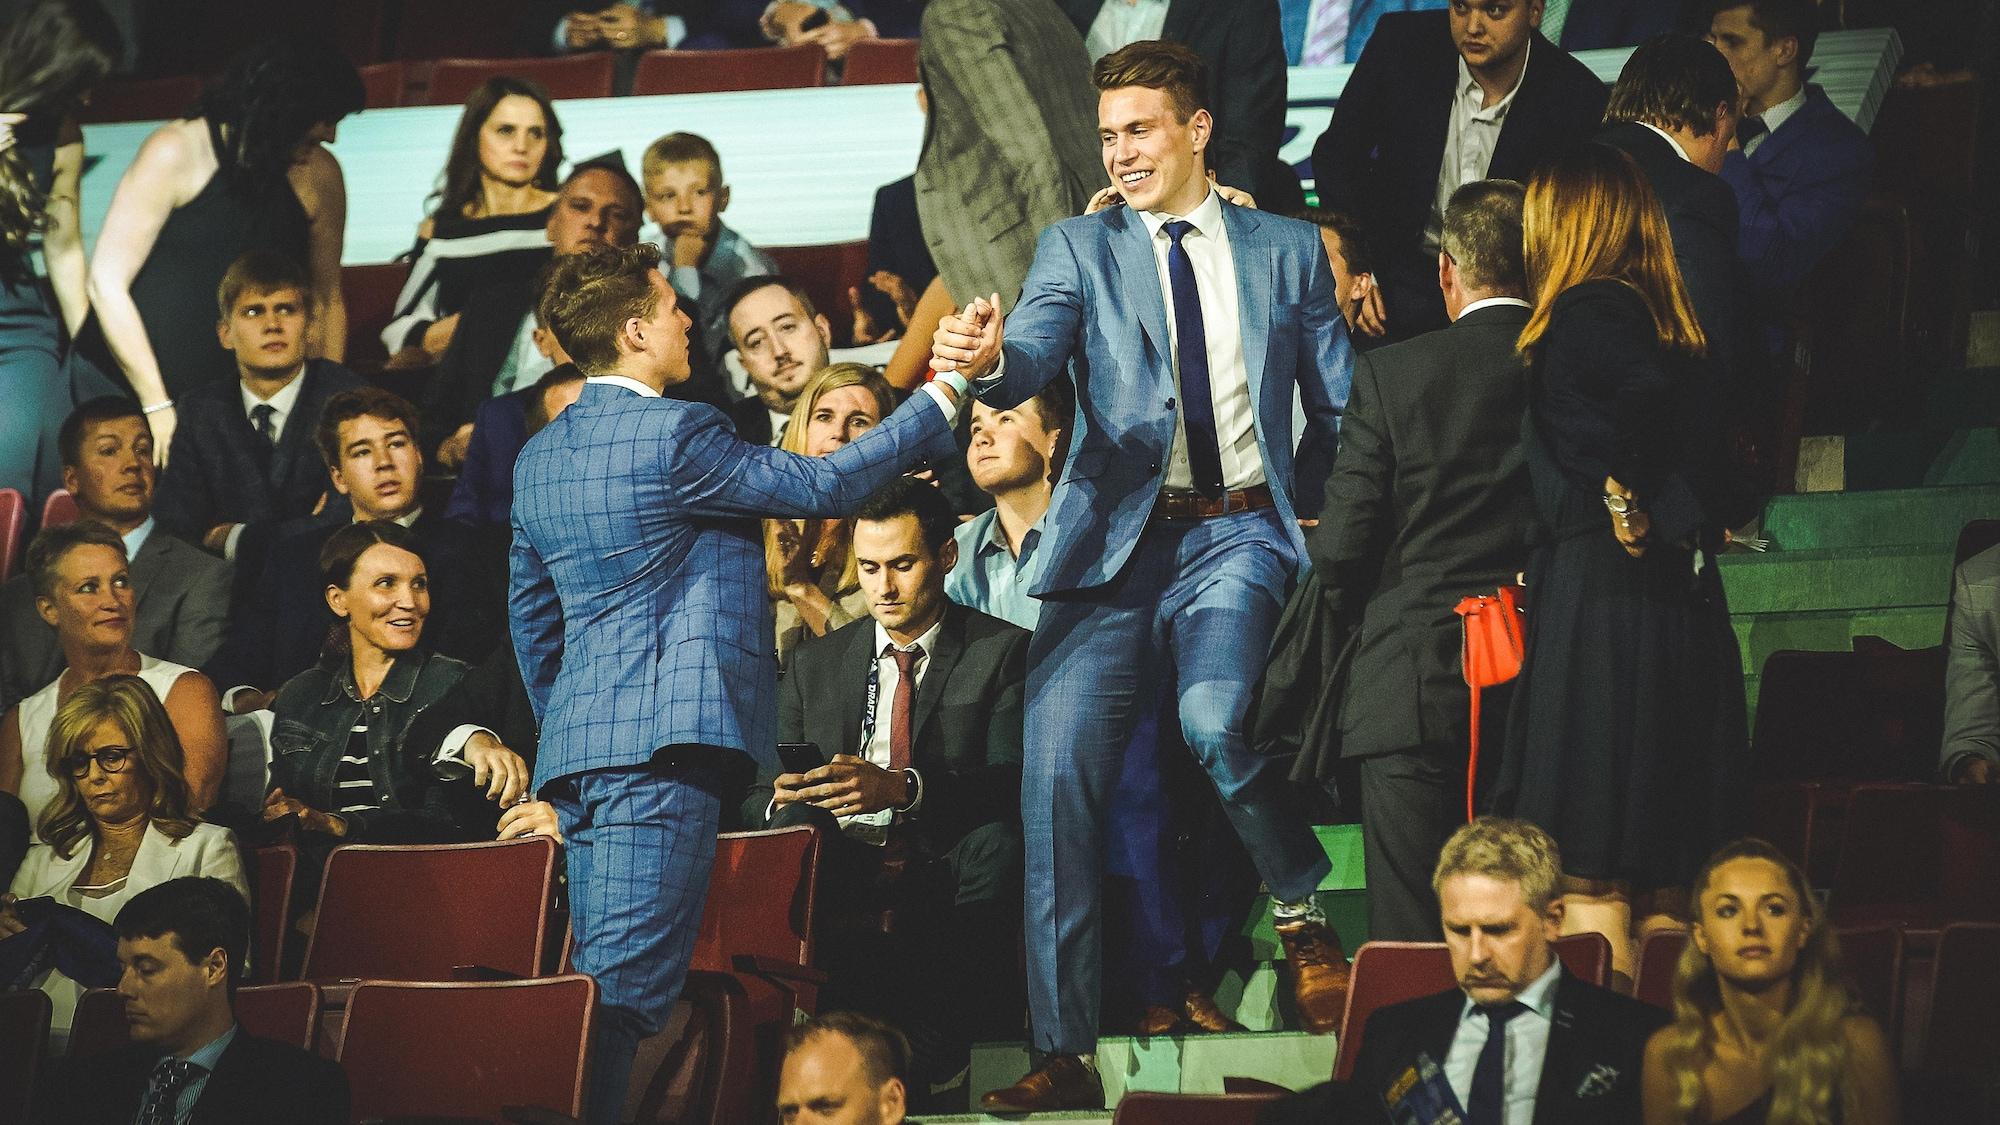 Samuel Poulin réagit à sa sélection par les Penguins de Pittsburgh, le 21 juin 2019, au Rogers Arena de Vancouver.